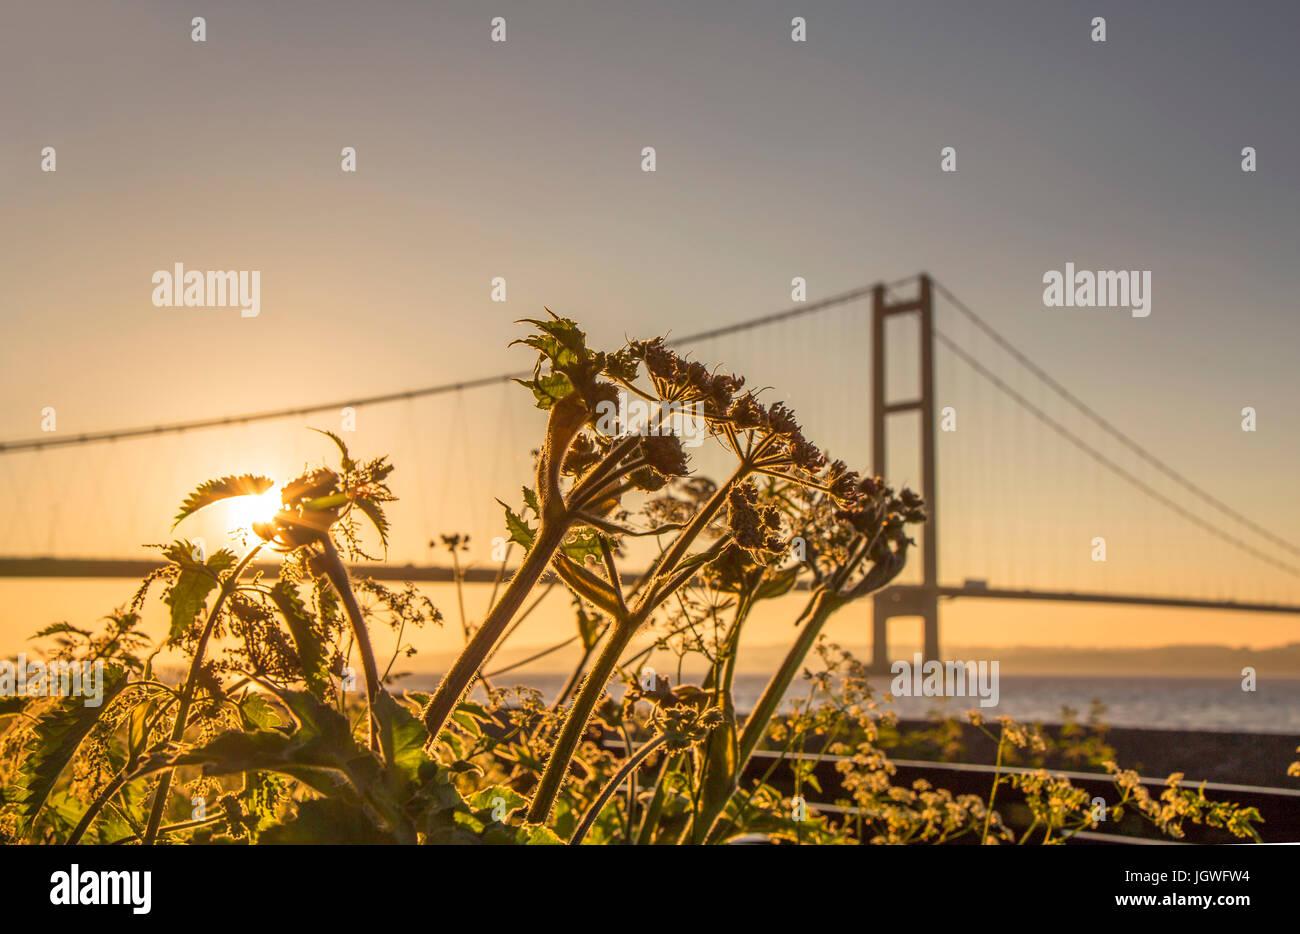 Humber Bridge Sonnenuntergang Stockbild